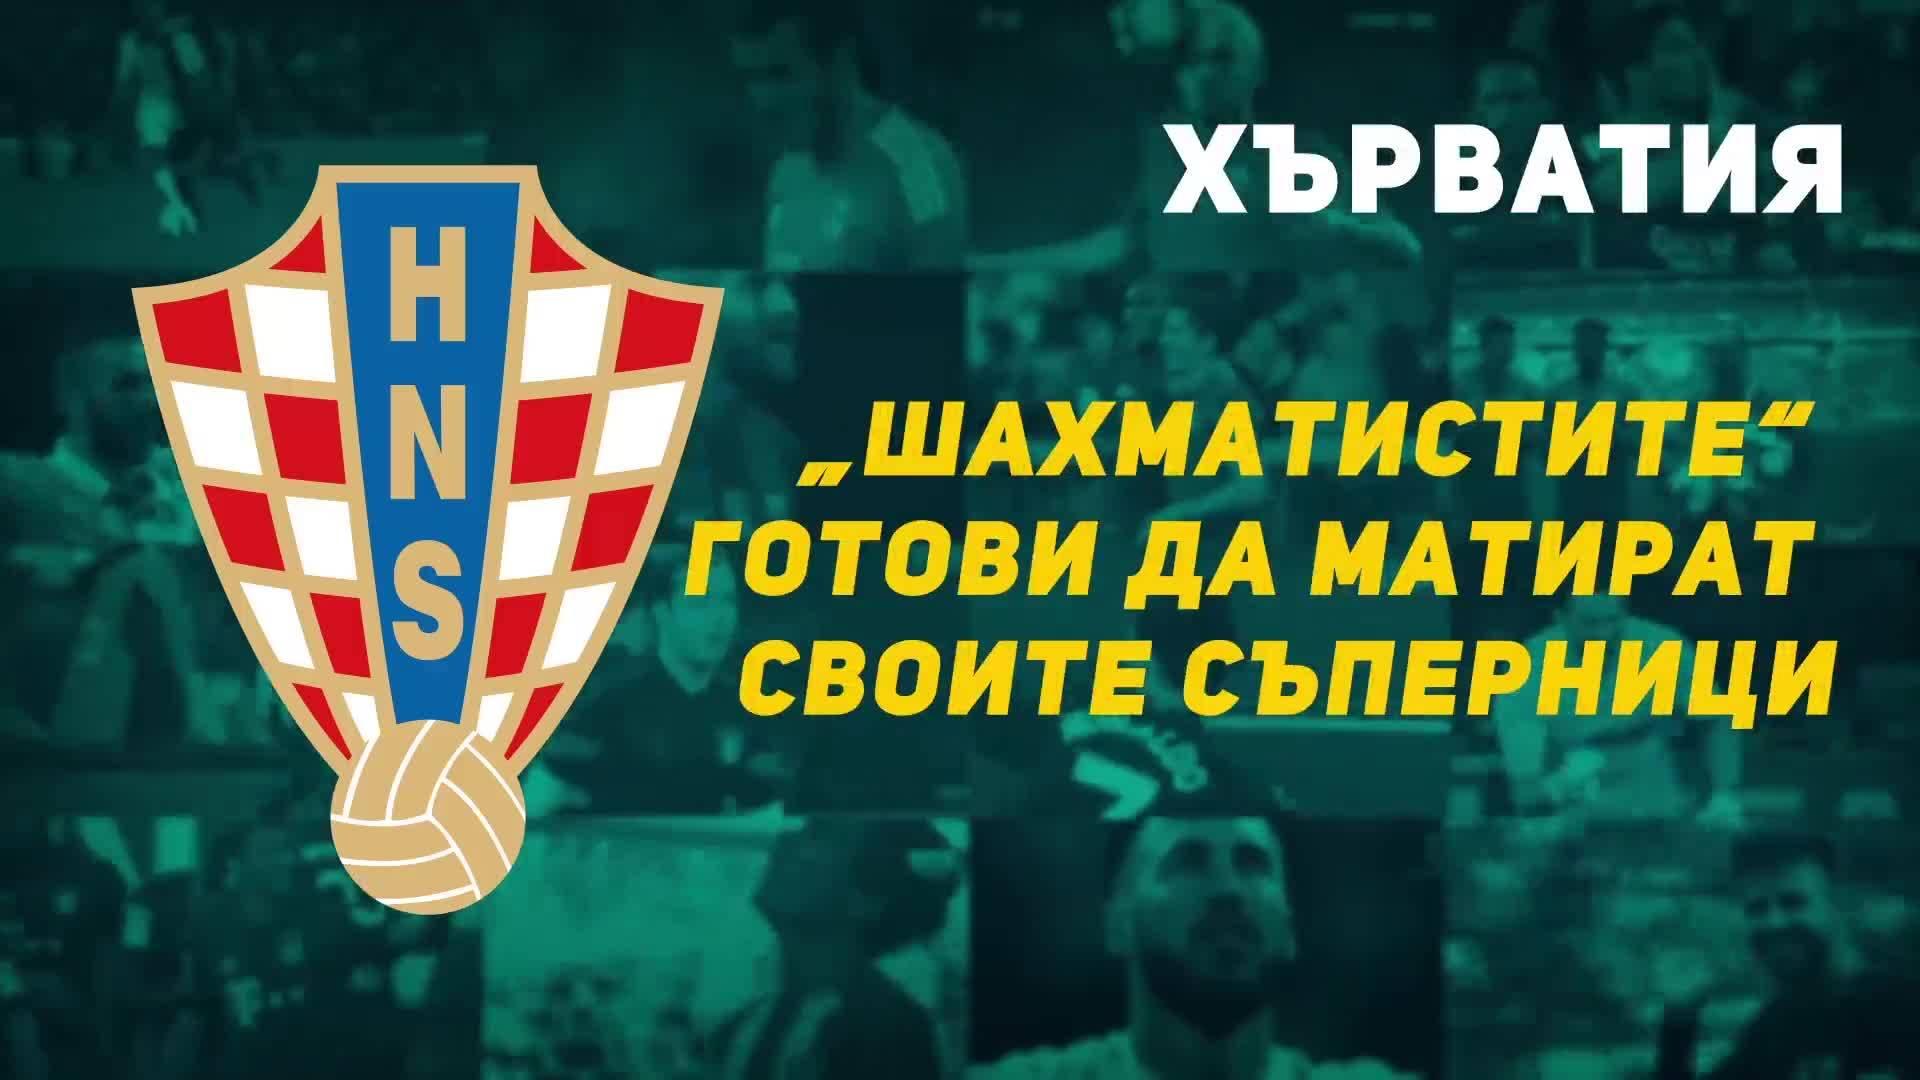 Хърватия - Шахматистите готови да матират своите съперници